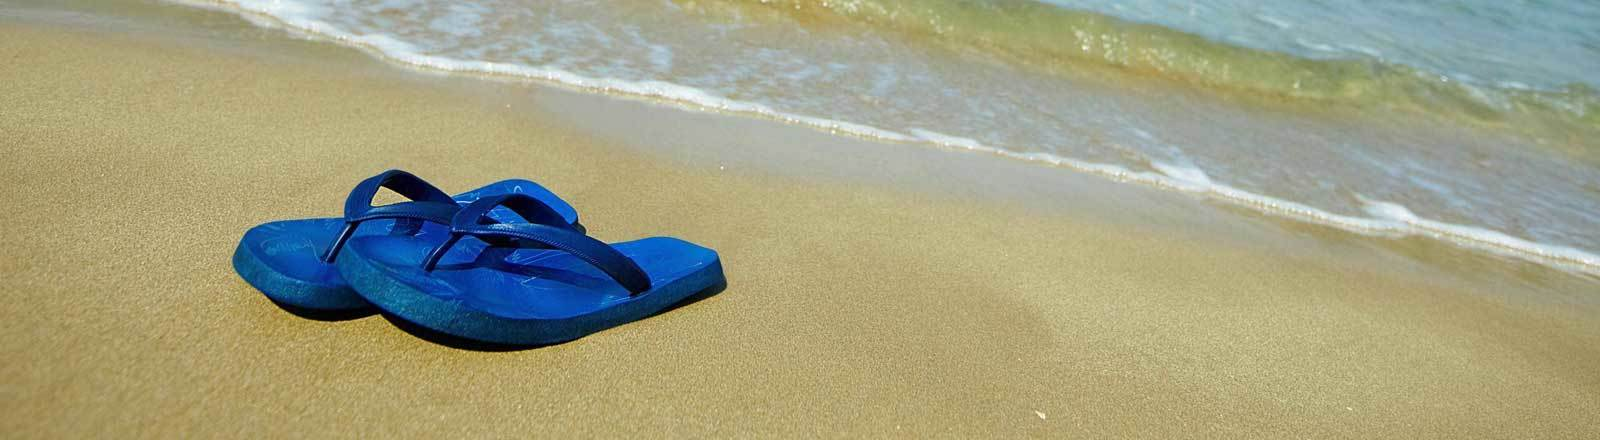 Ein Paar blaue Flipflops liegen an einem Sandstrand